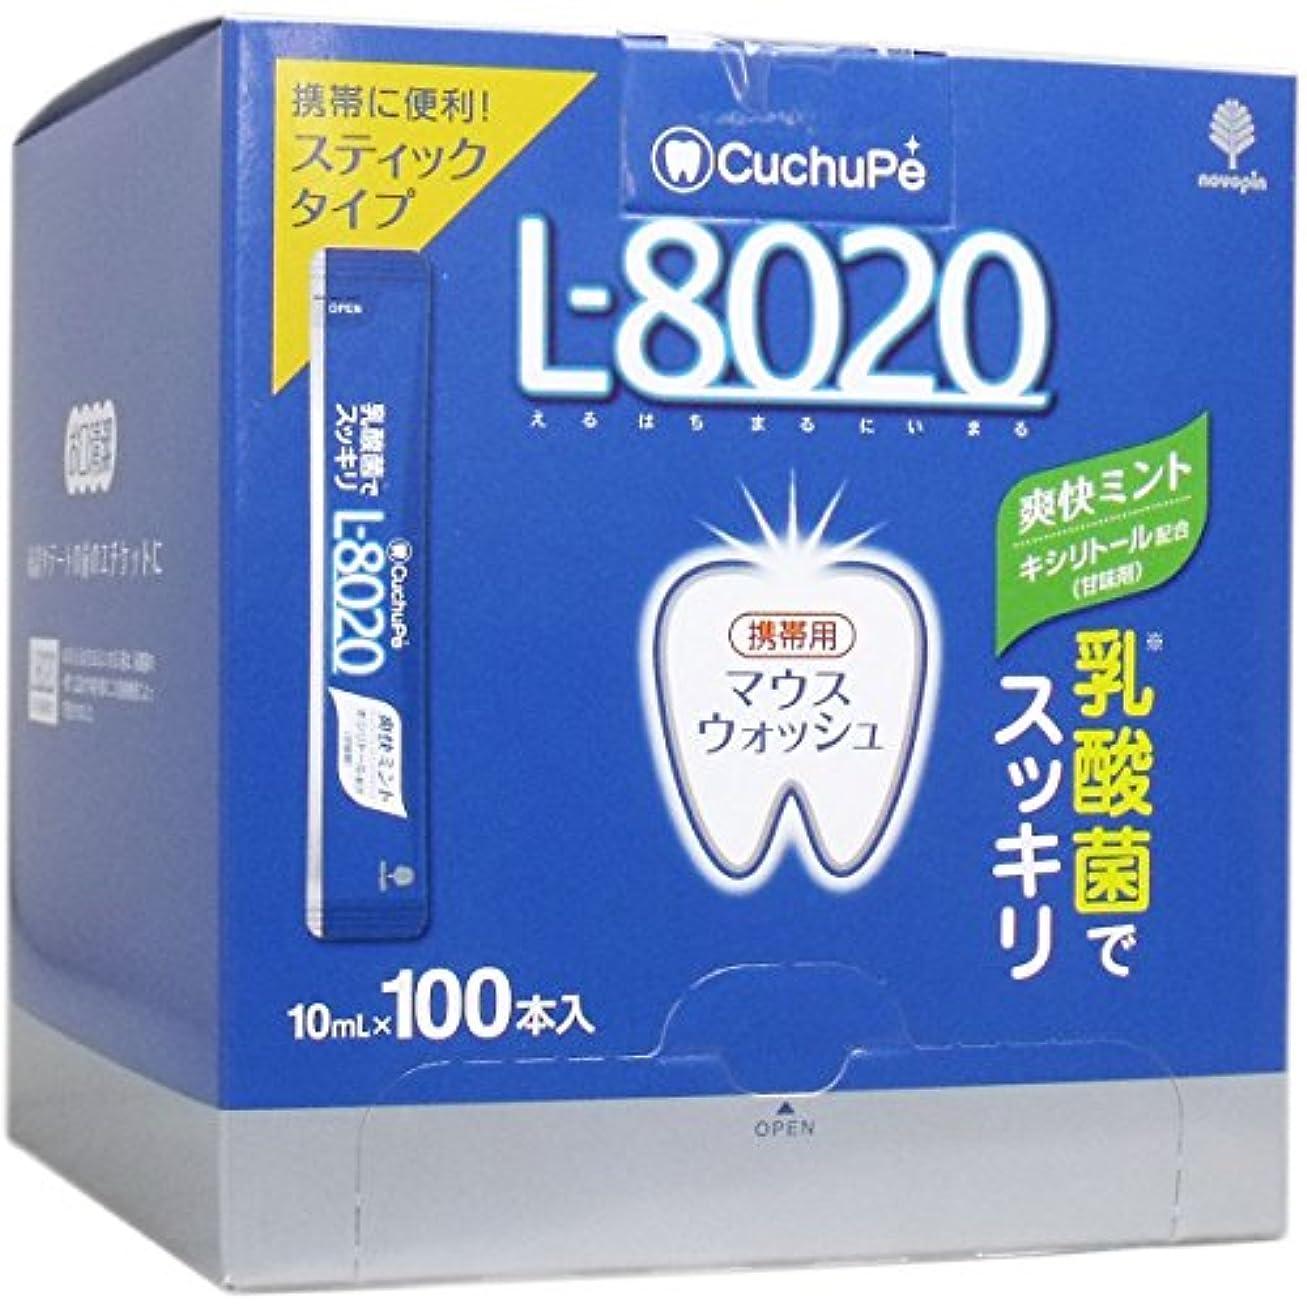 大声で抵抗力があるスロープクチュッペ L-8020 マウスウォッシュ 爽快ミント スティックタイプ 100本入